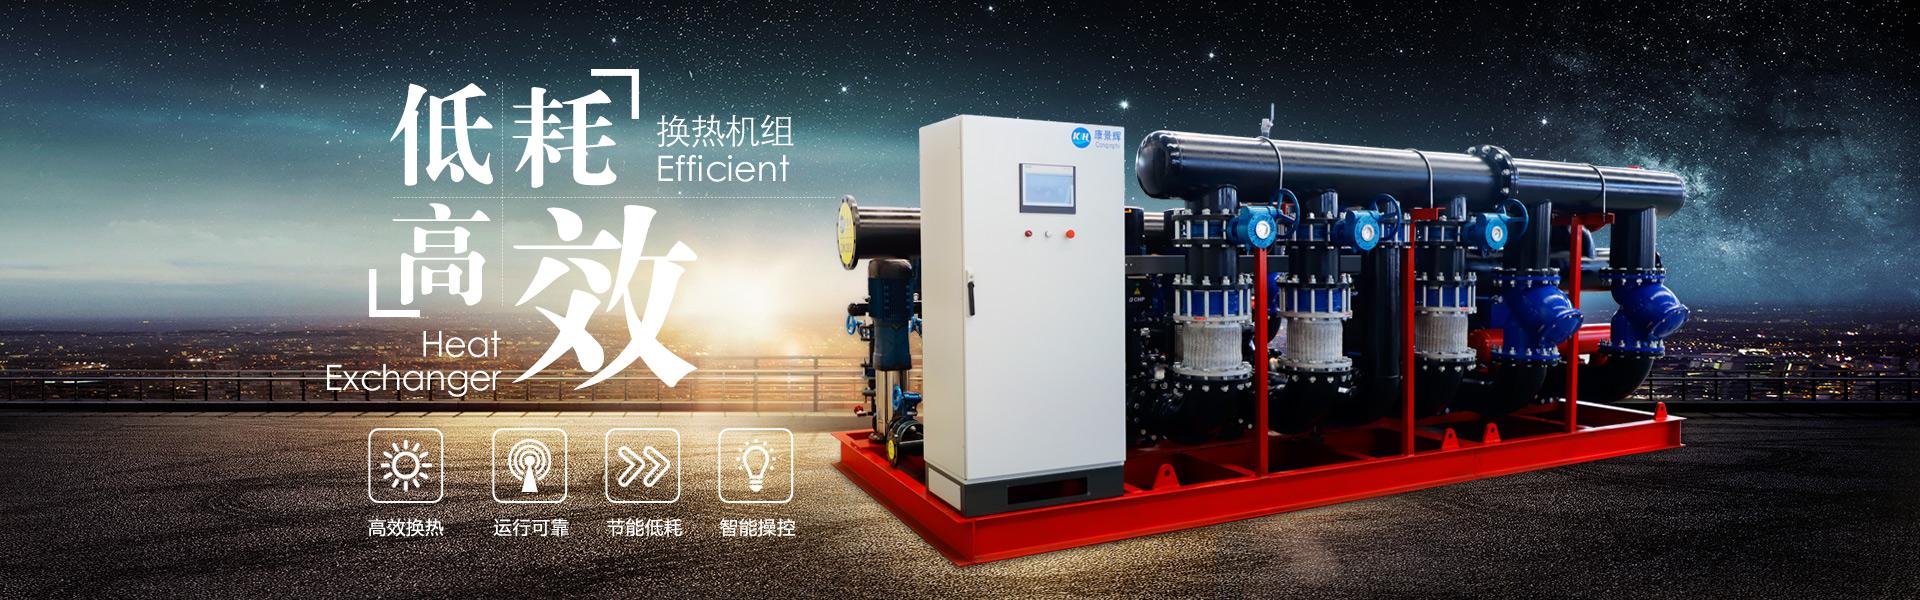 康景輝闆式換熱器品質保障